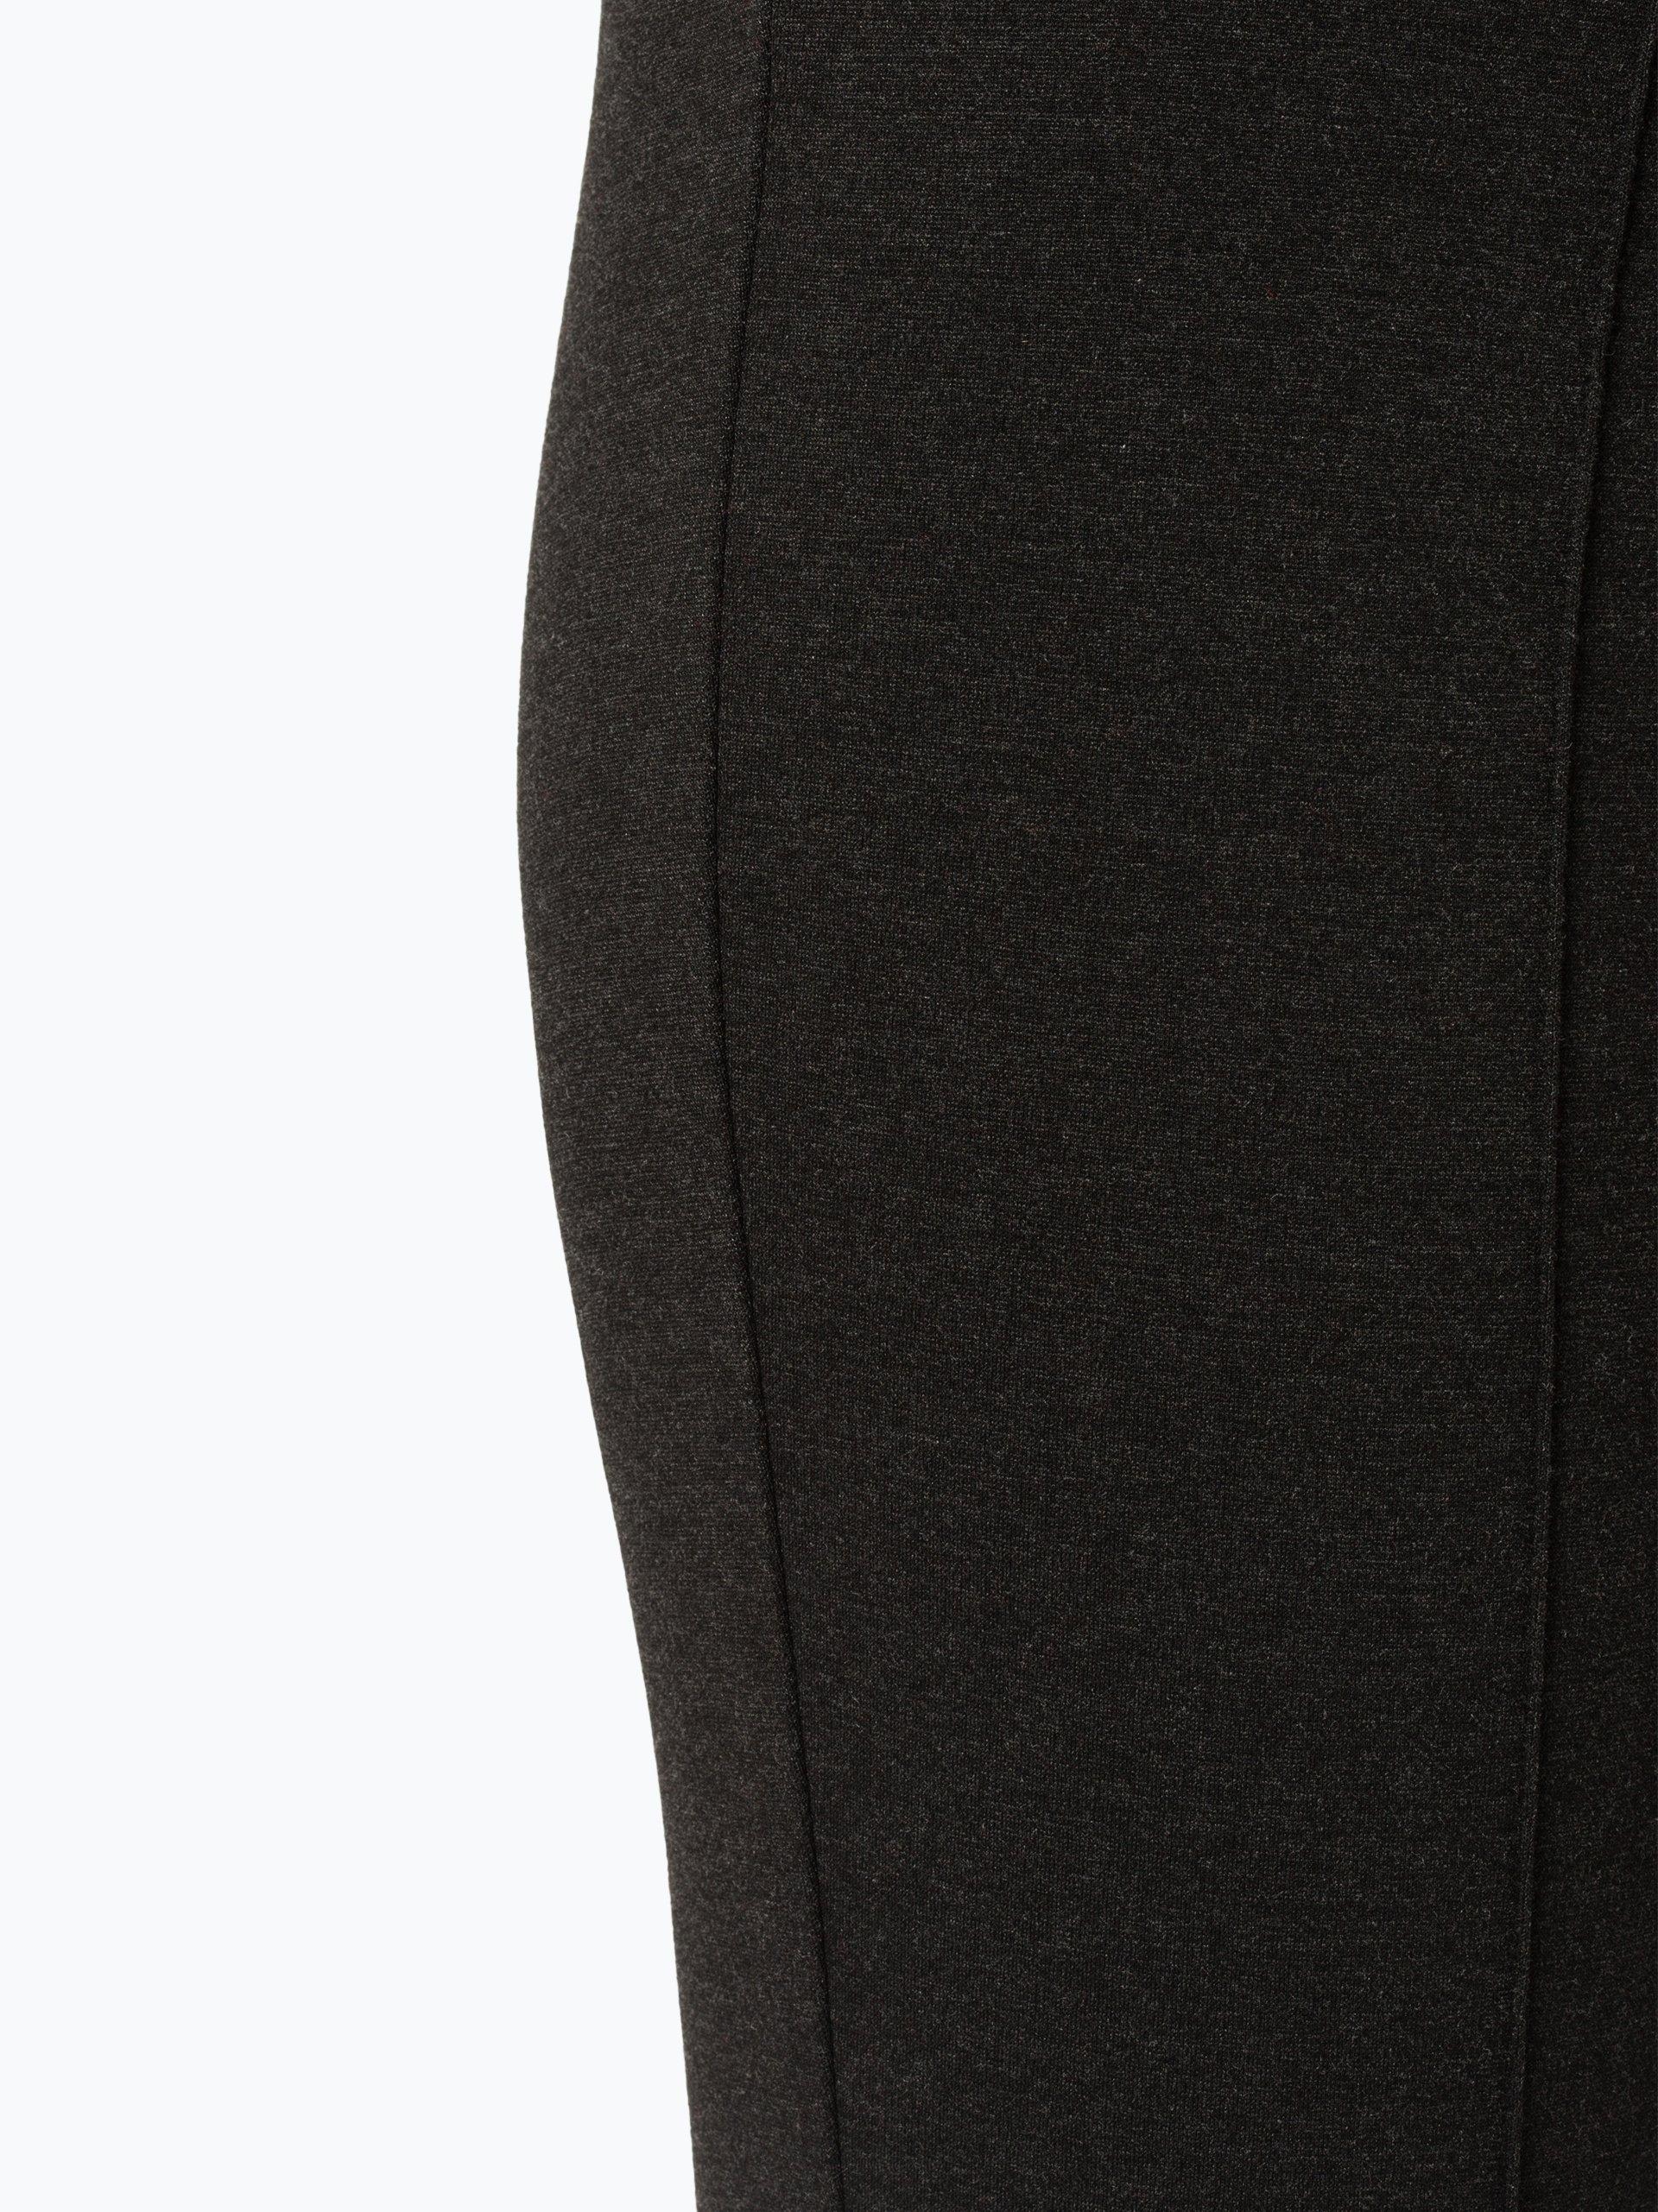 Toni Dress Damen Hose - Jenny